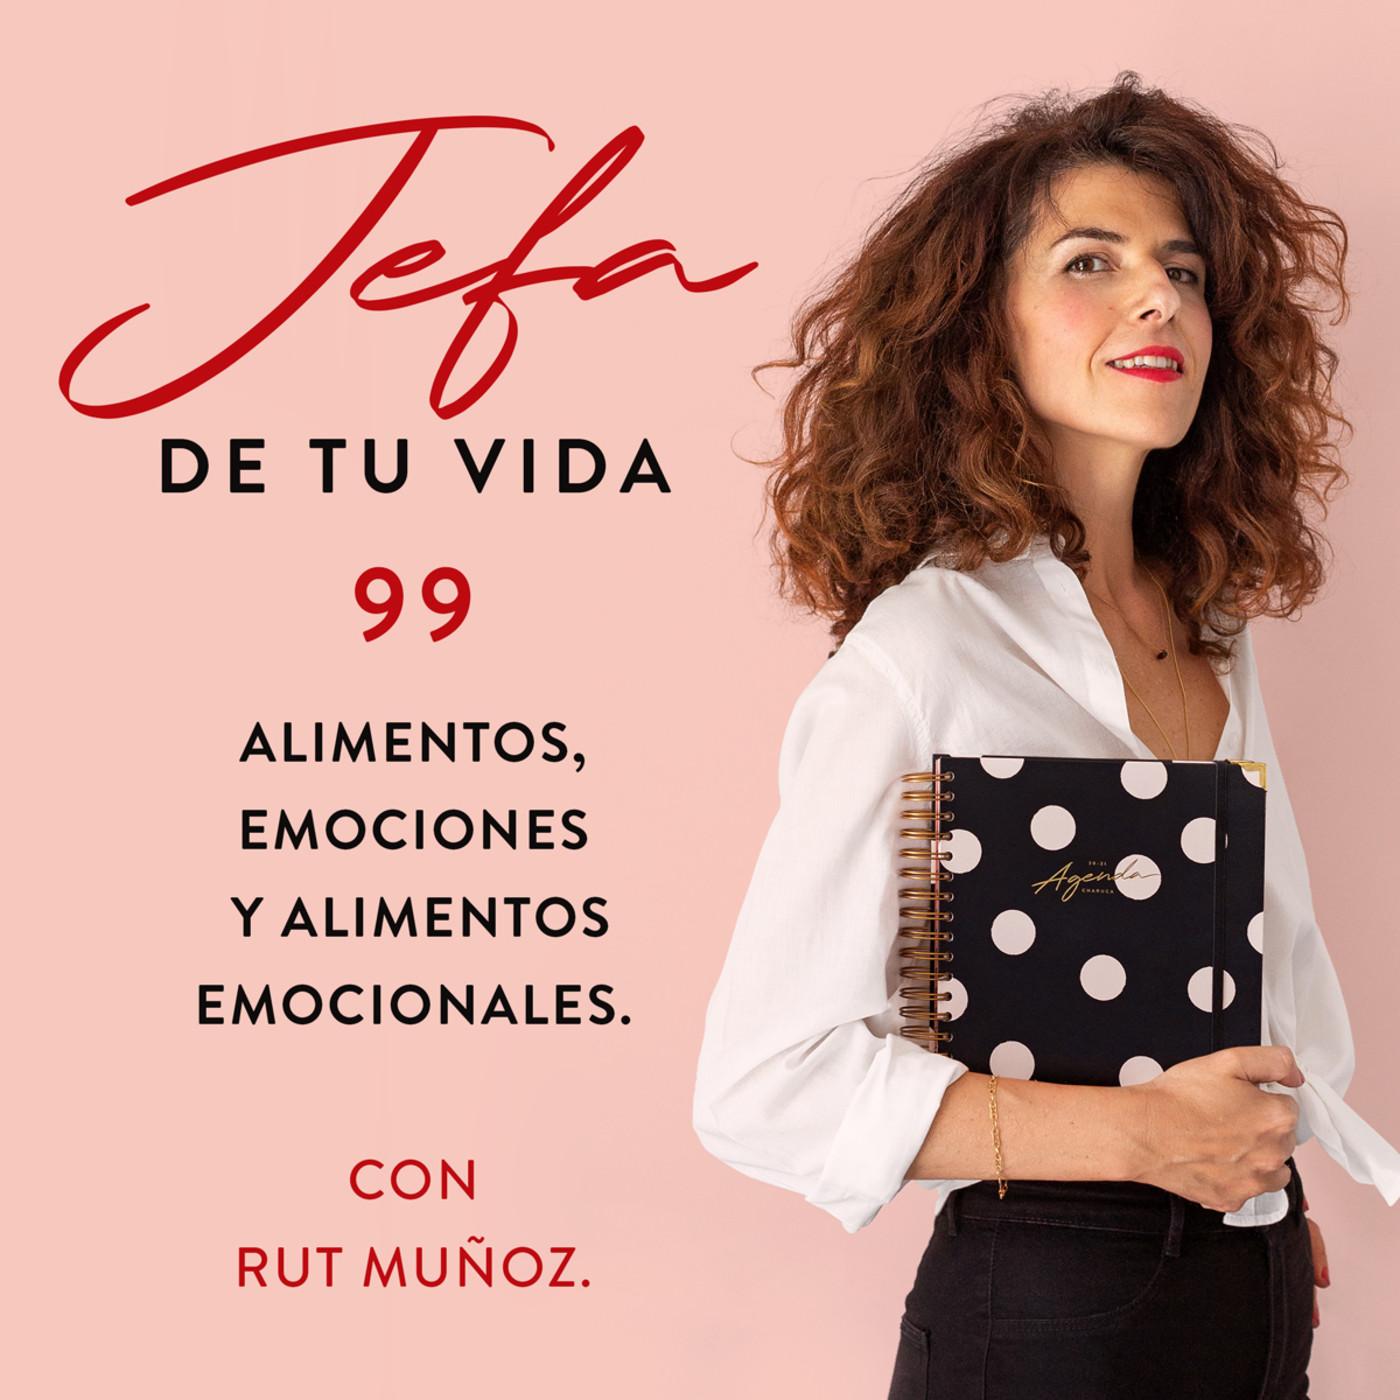 99. Emociones, alimentos y alimentos emocionales, con Rut Muñoz.